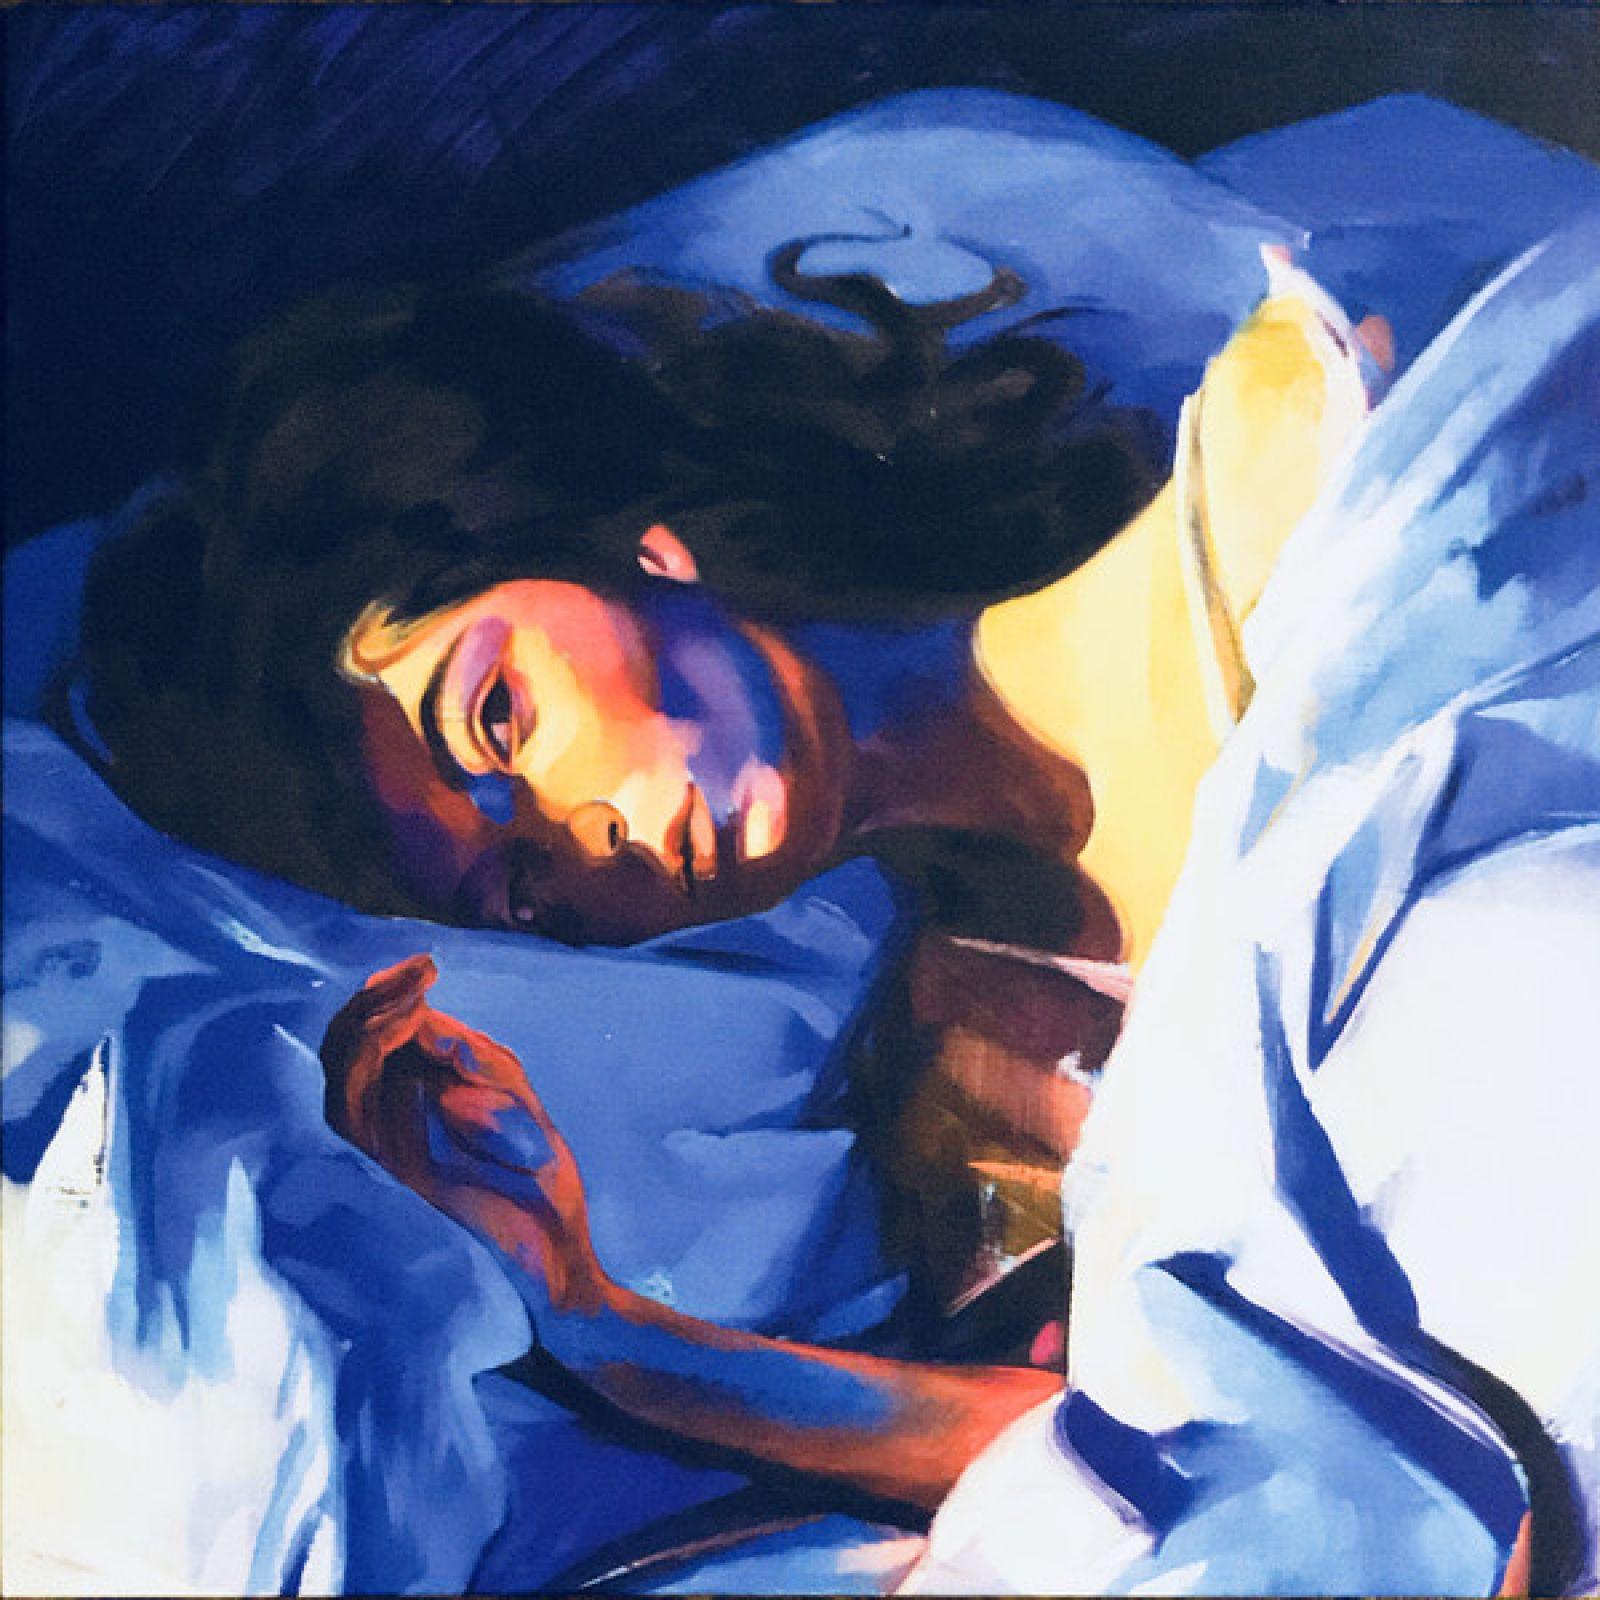 Купить виниловая пластинка (lp) Melodrama Lorde. УТ-00031382